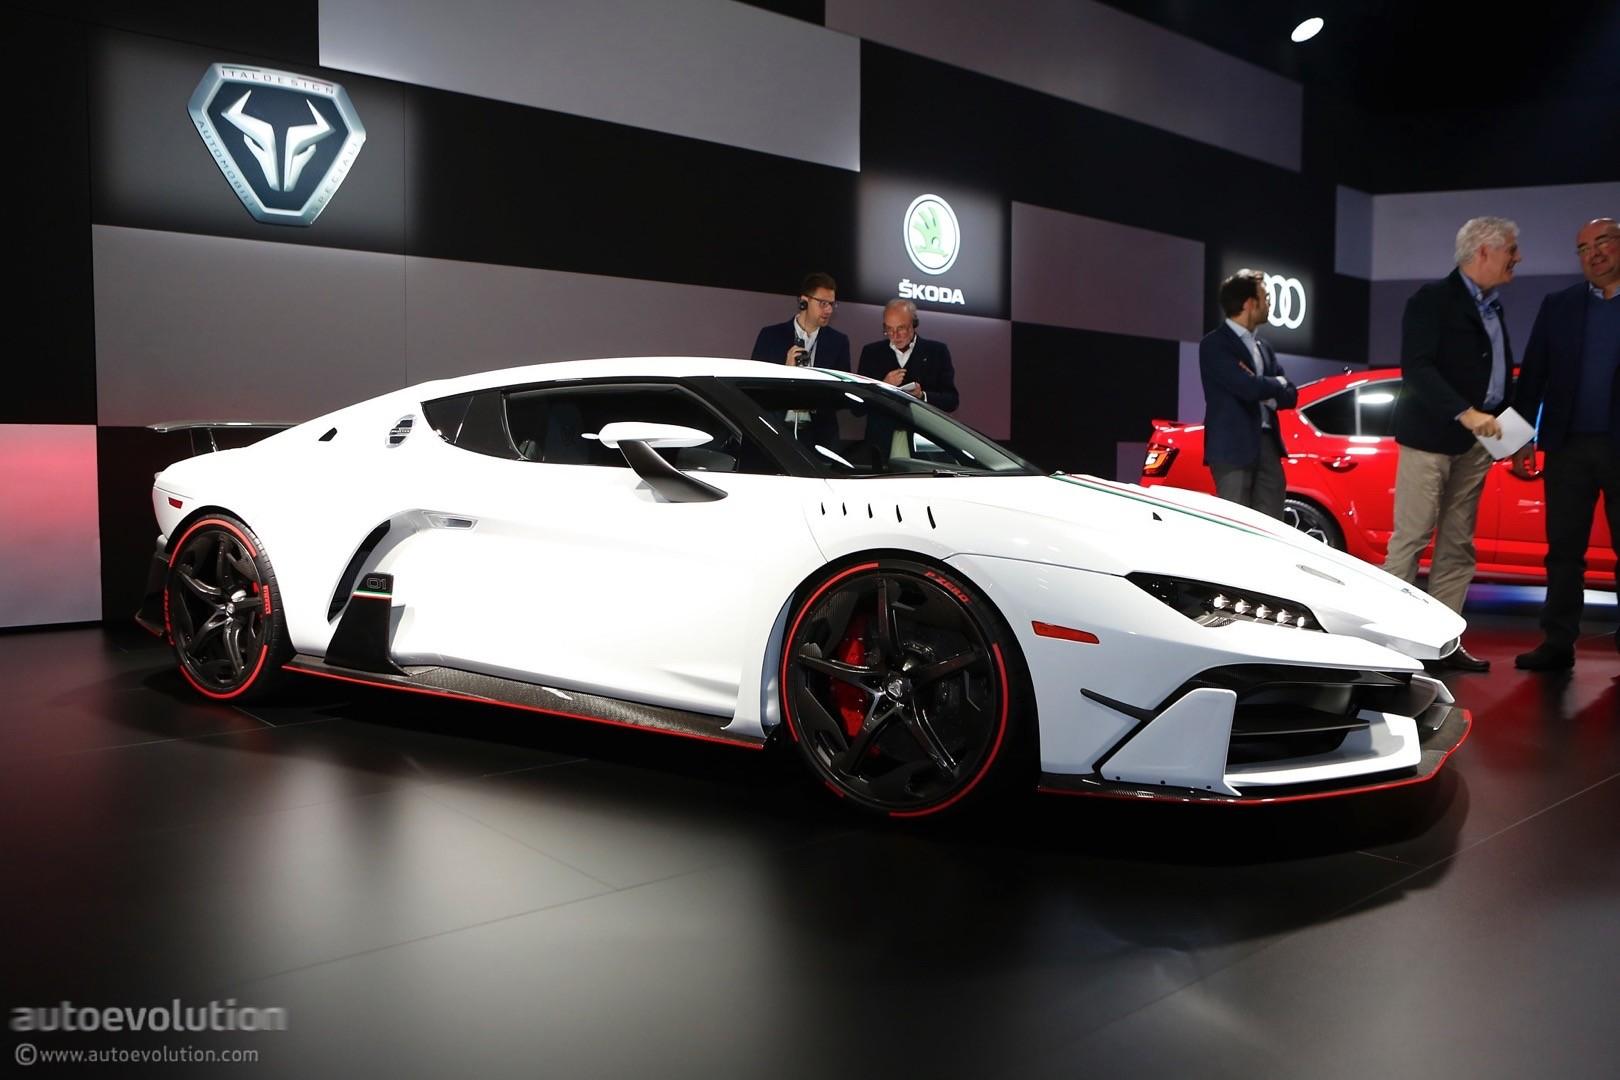 Italdesign zerouno roadster en route to 2018 geneva motor show autoevolution - Geneva car show ...